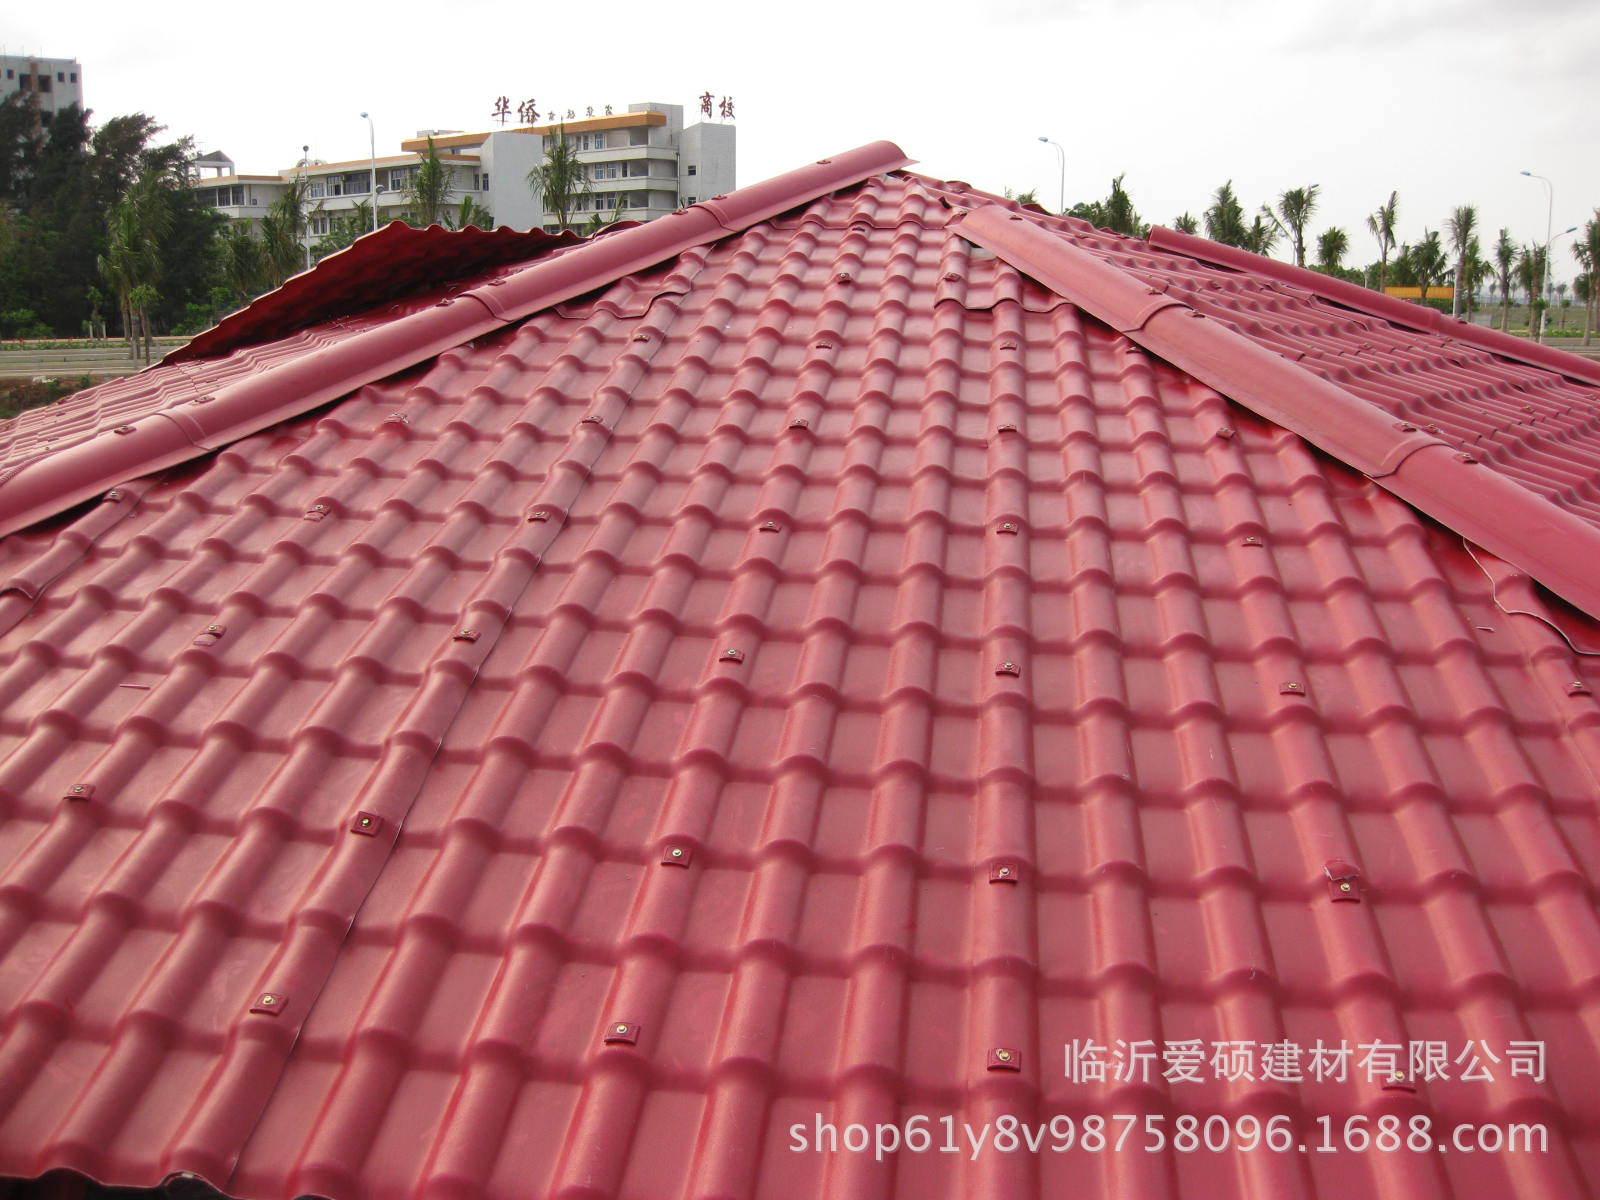 廠家直銷 東營合成樹脂瓦 平改坡裝飾瓦 屋頂瓦 別墅瓦示例圖5